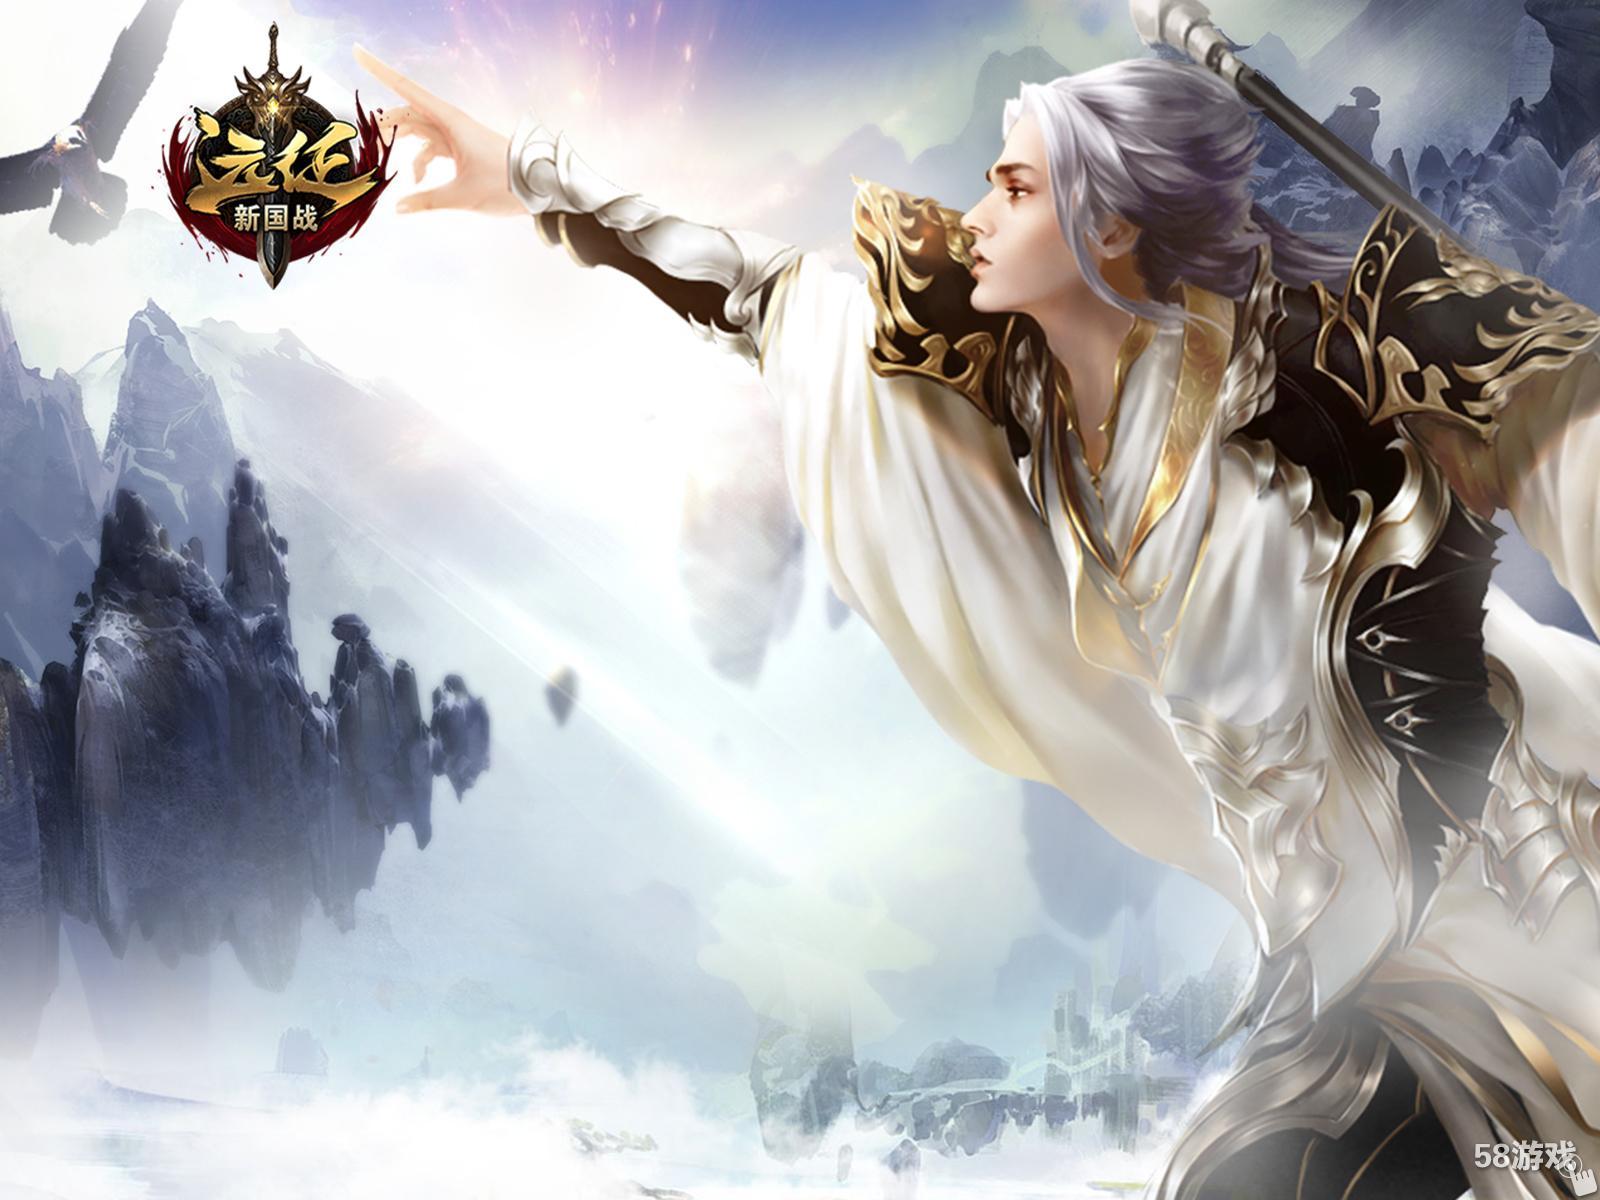 网游_58game 网游新闻 > 《远征》七周年庆典欢乐来袭 4.28不见不散!